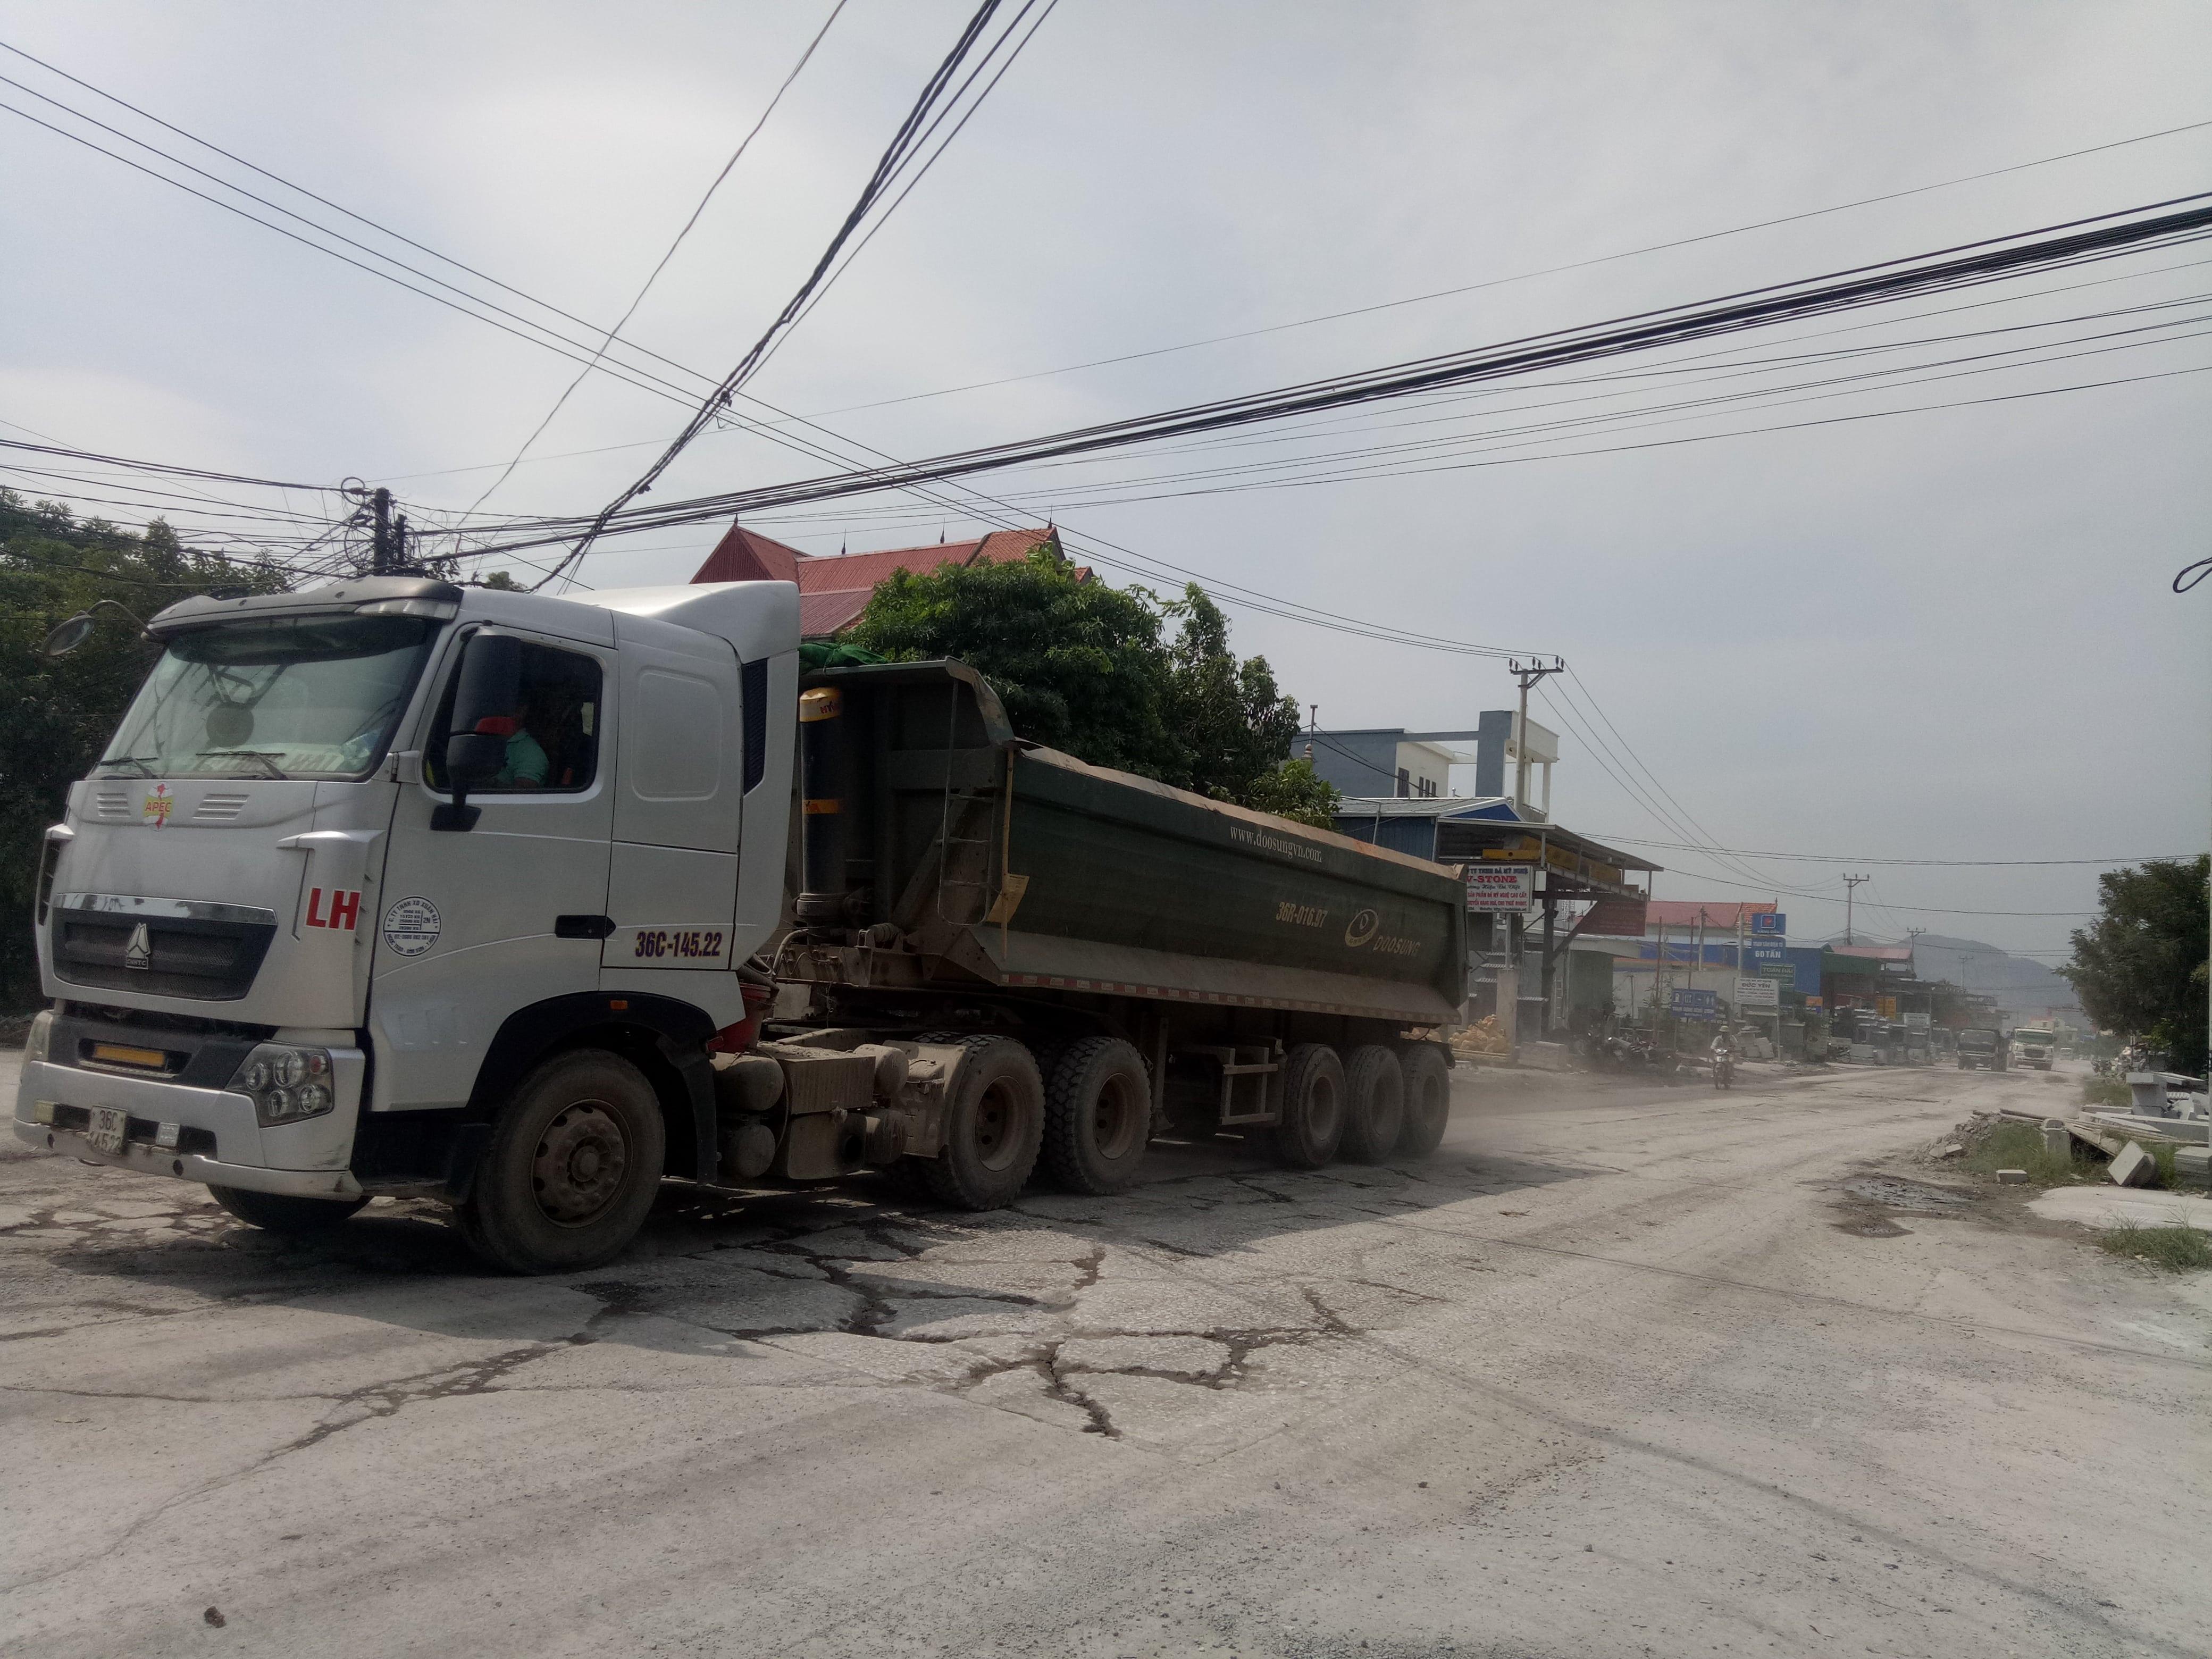 Hạ tầng giao thông tại xã Ninh Vân xuống cấp trầm trọng vì xe quá tải.